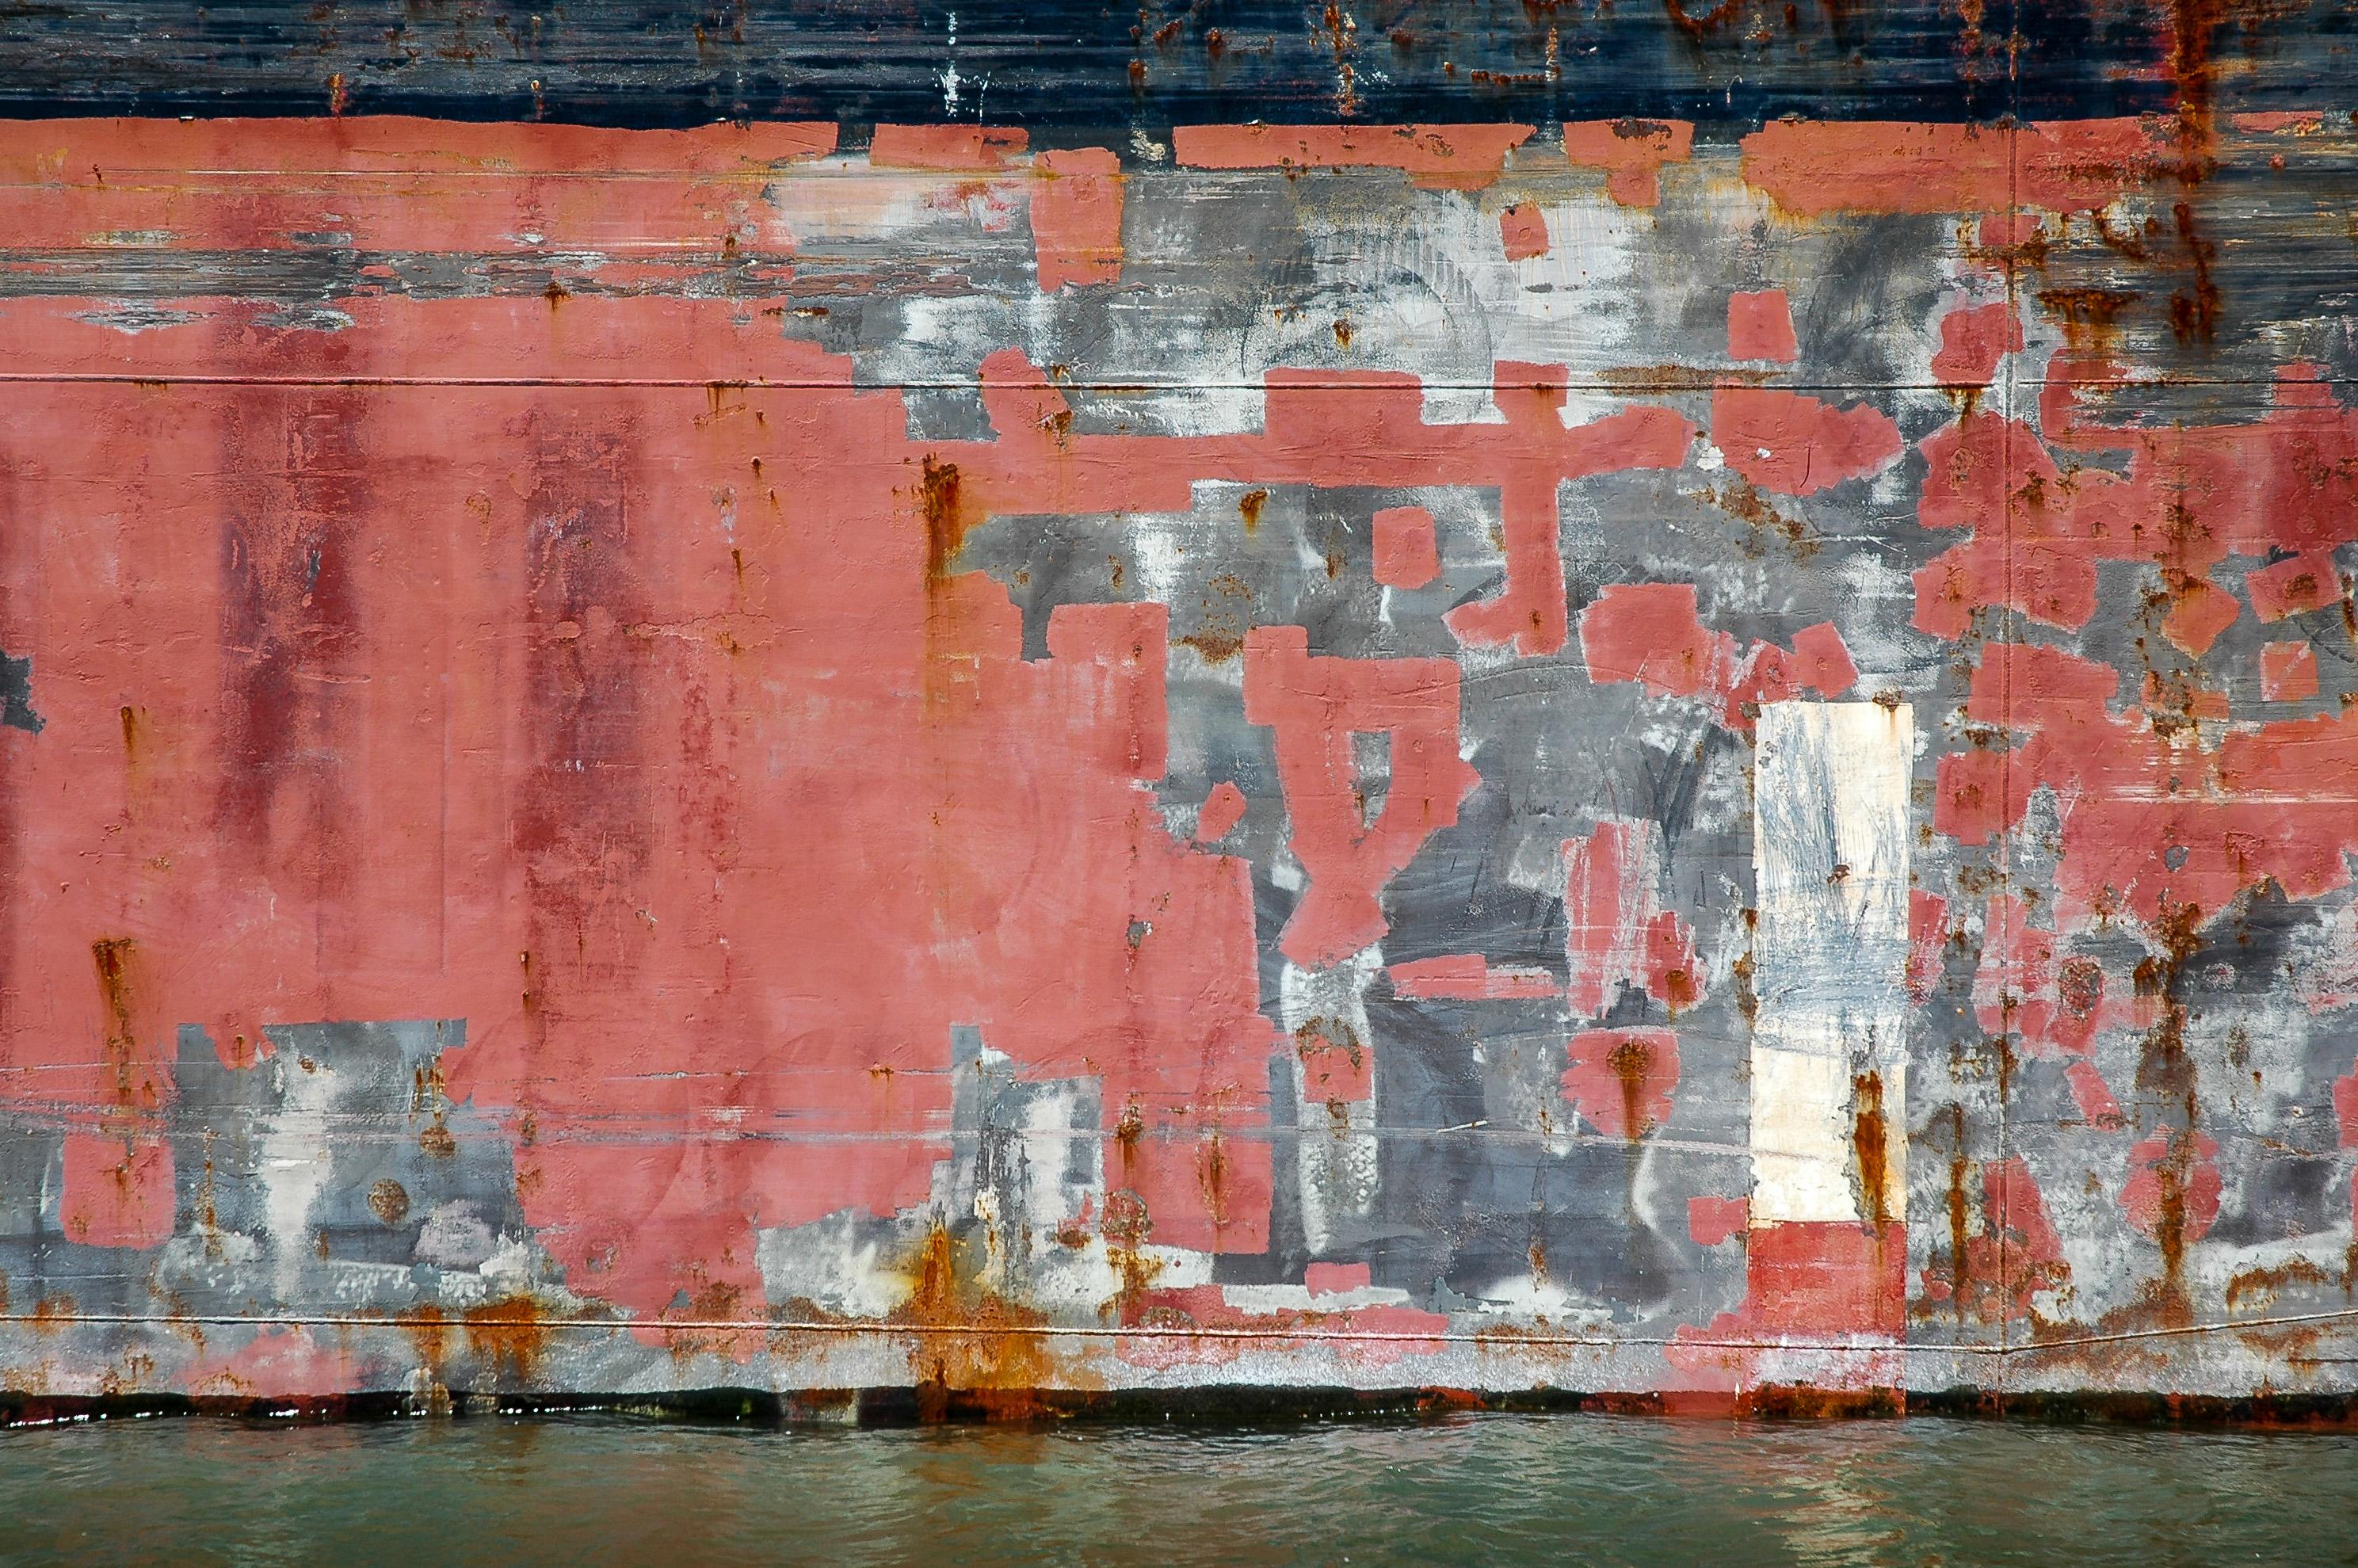 shipsbunkers-5.jpg